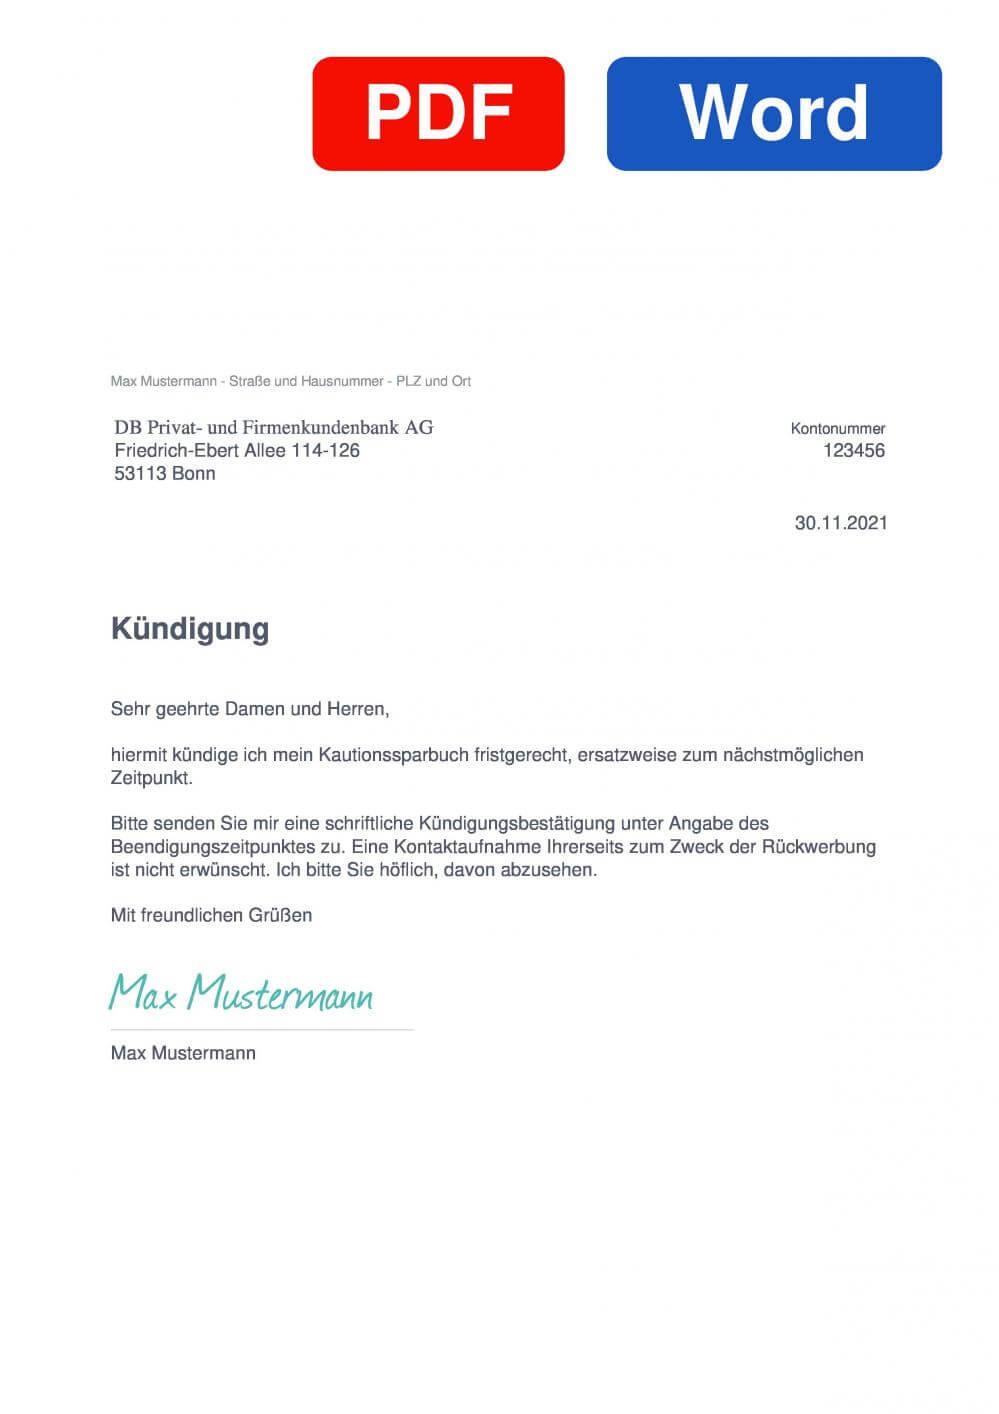 Postbank Kautionssparbuch Muster Vorlage für Kündigungsschreiben